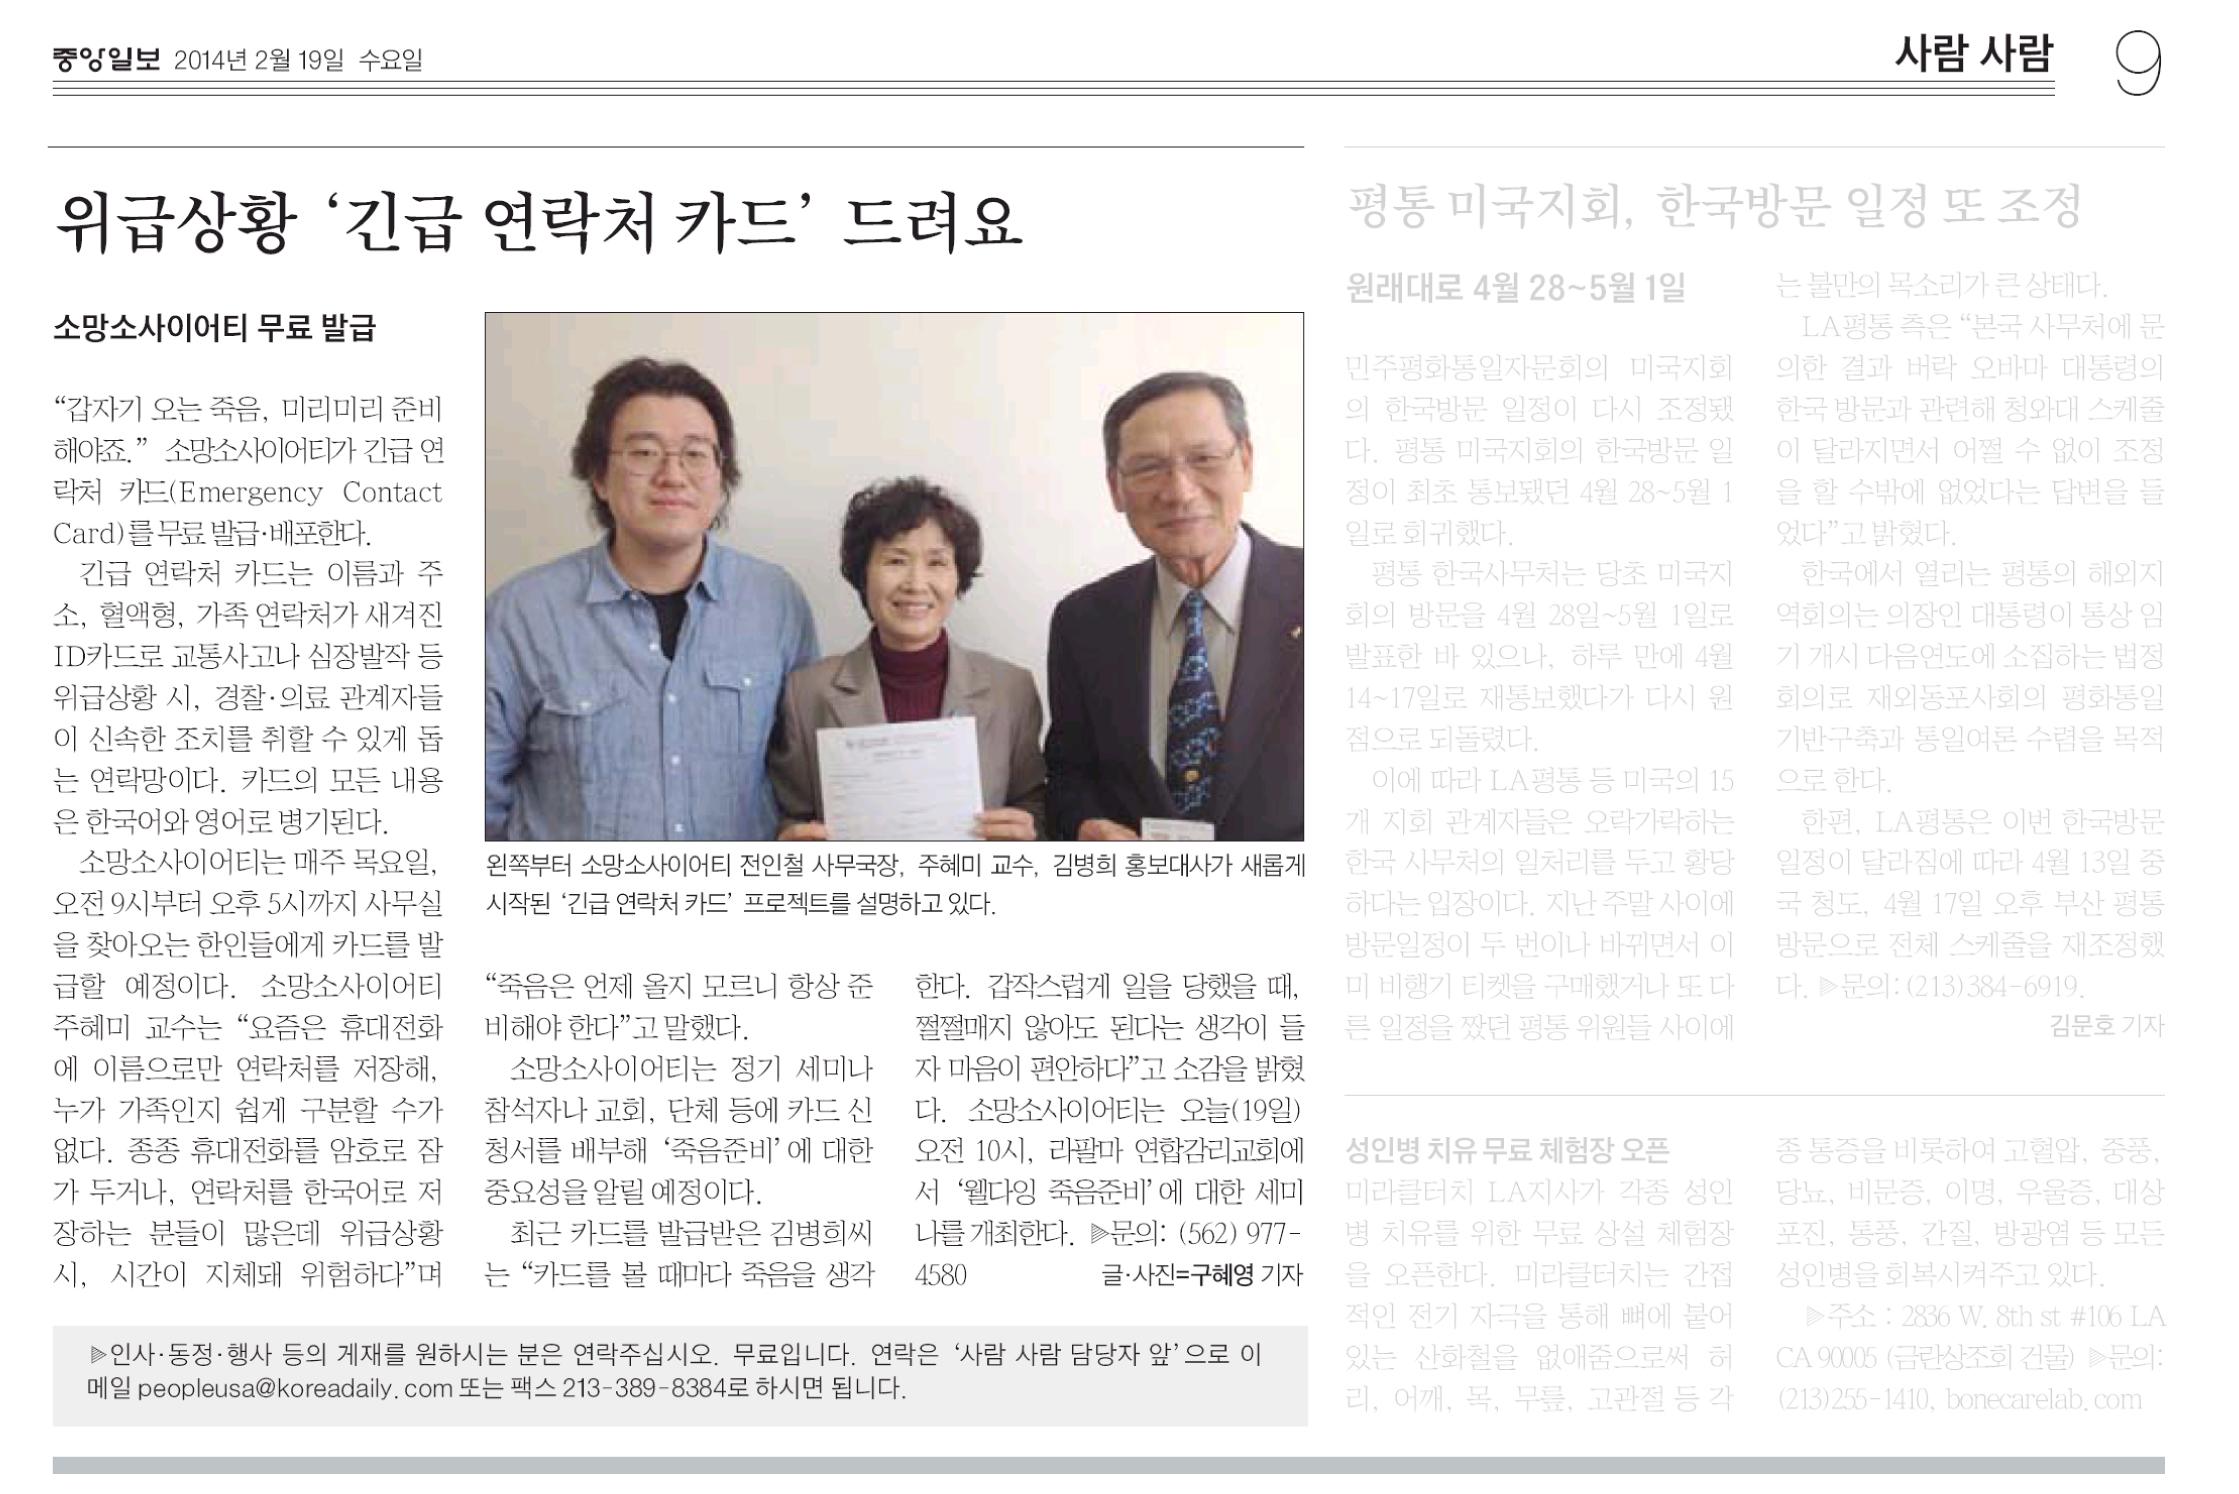 위급상황 '긴급 연락처 카드' 드려요 2014년 2월19일 중앙일보